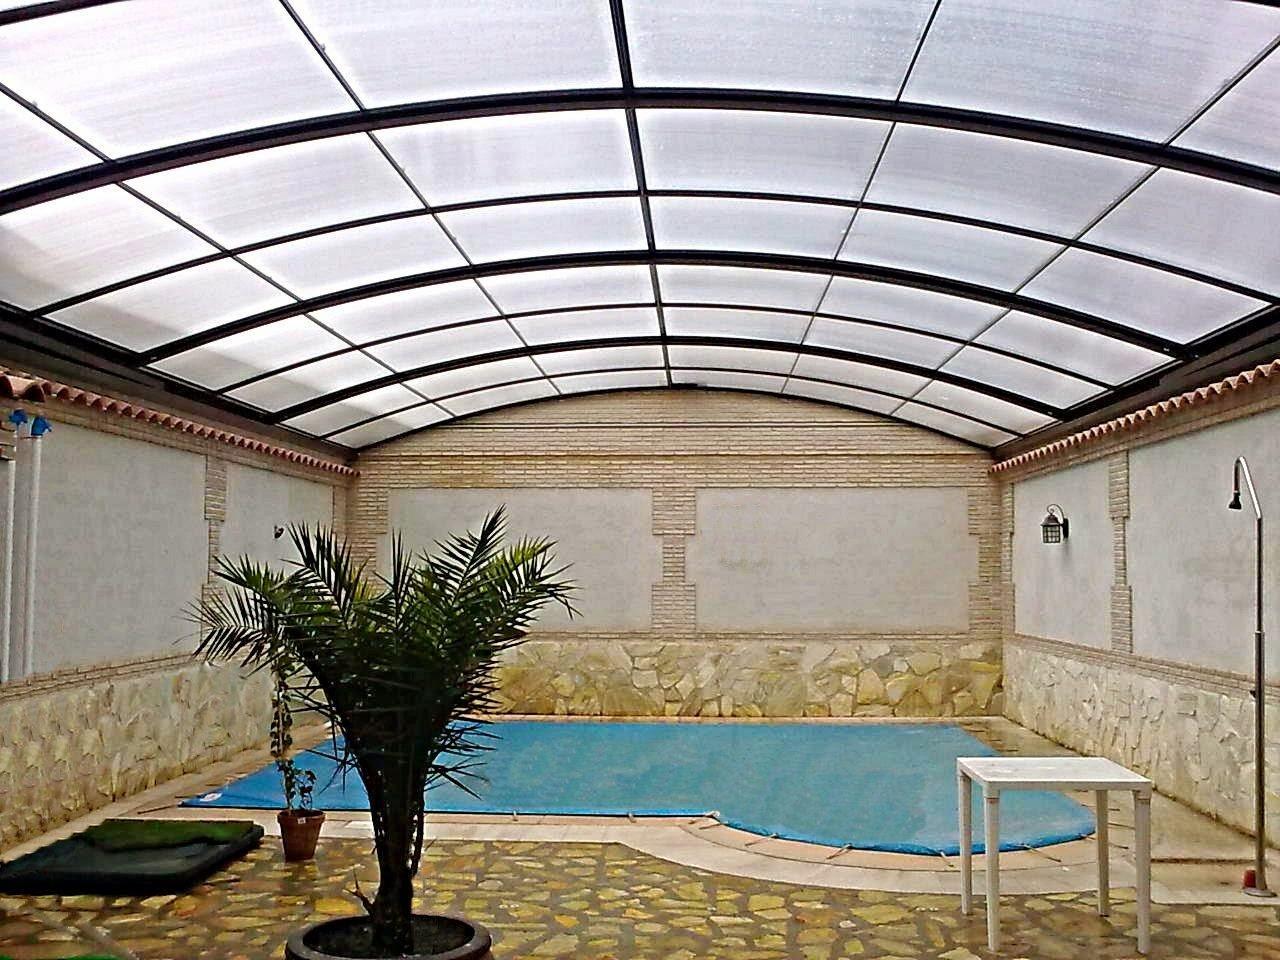 Policarbonato del techo o cubierta de la piscina for Tipos de tejados de casas